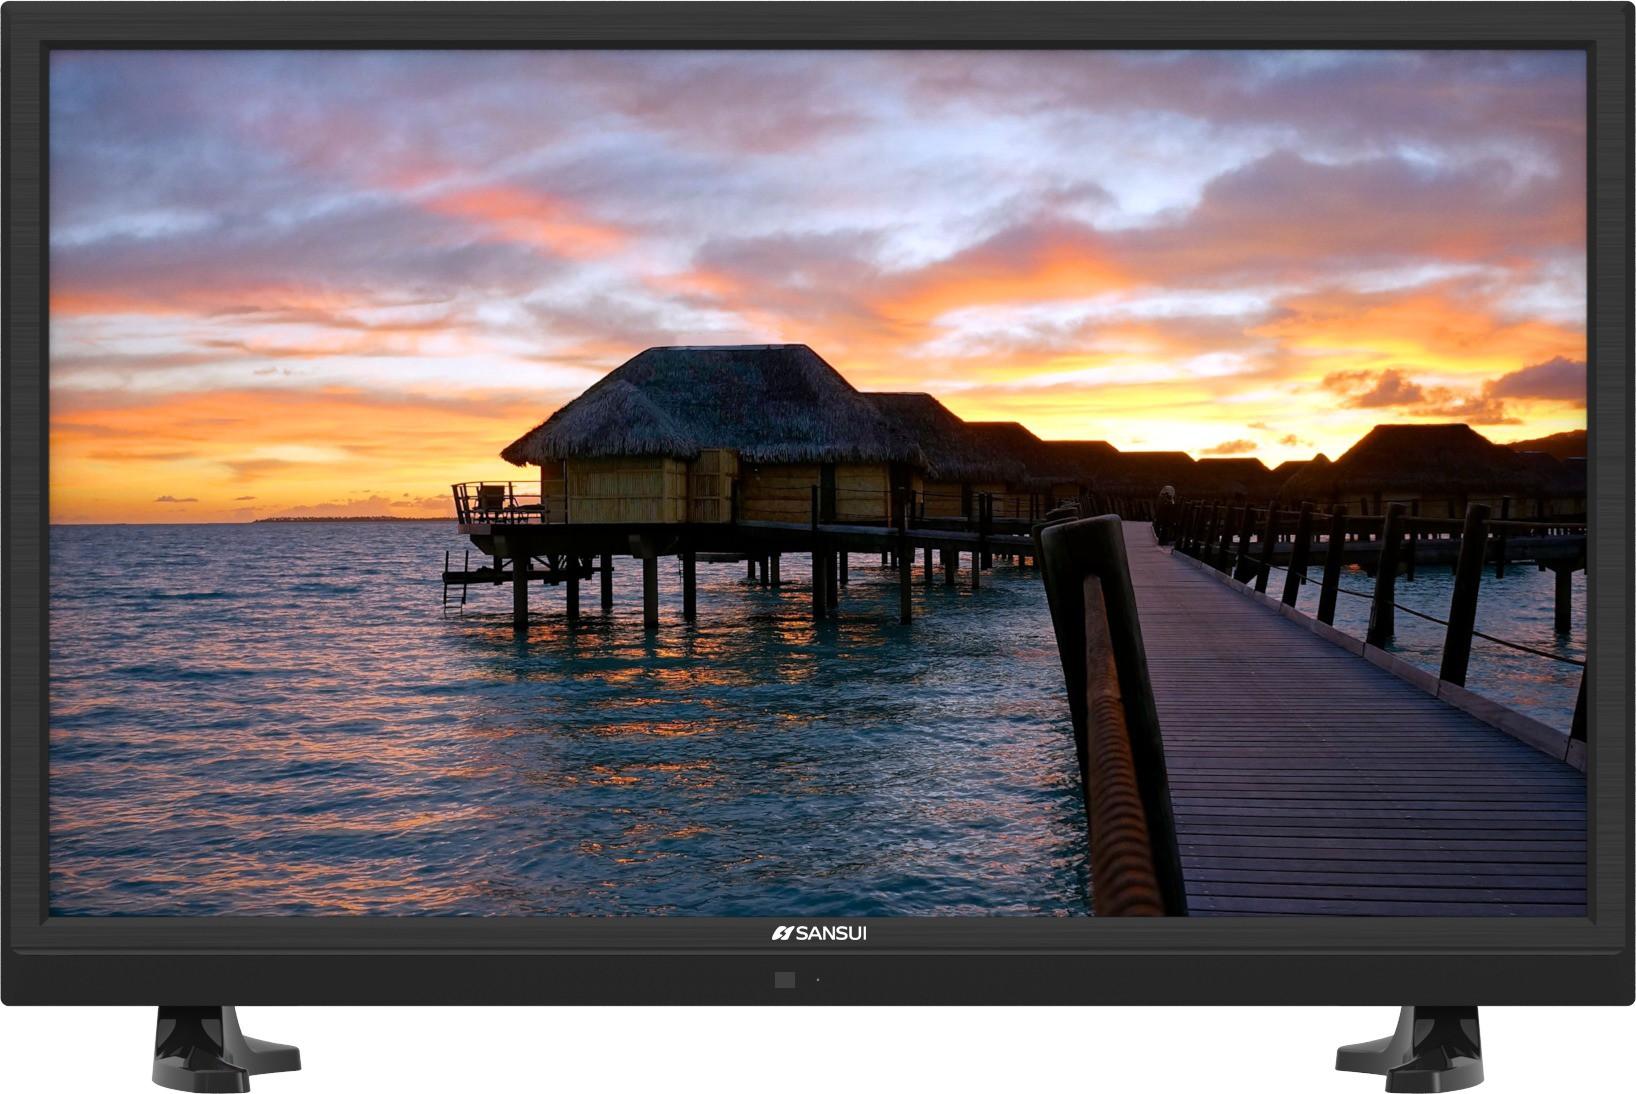 Sansui 80cm (32) WXGA LED TV(SNS32HB23C/LEDTVSNS32HB23CAF/LEDTVSNS32HB23CKF/LEDTVSNS32HB23CMF/LEDTVSNS32HB23CTF, 3 x HDMI, 2 x USB)